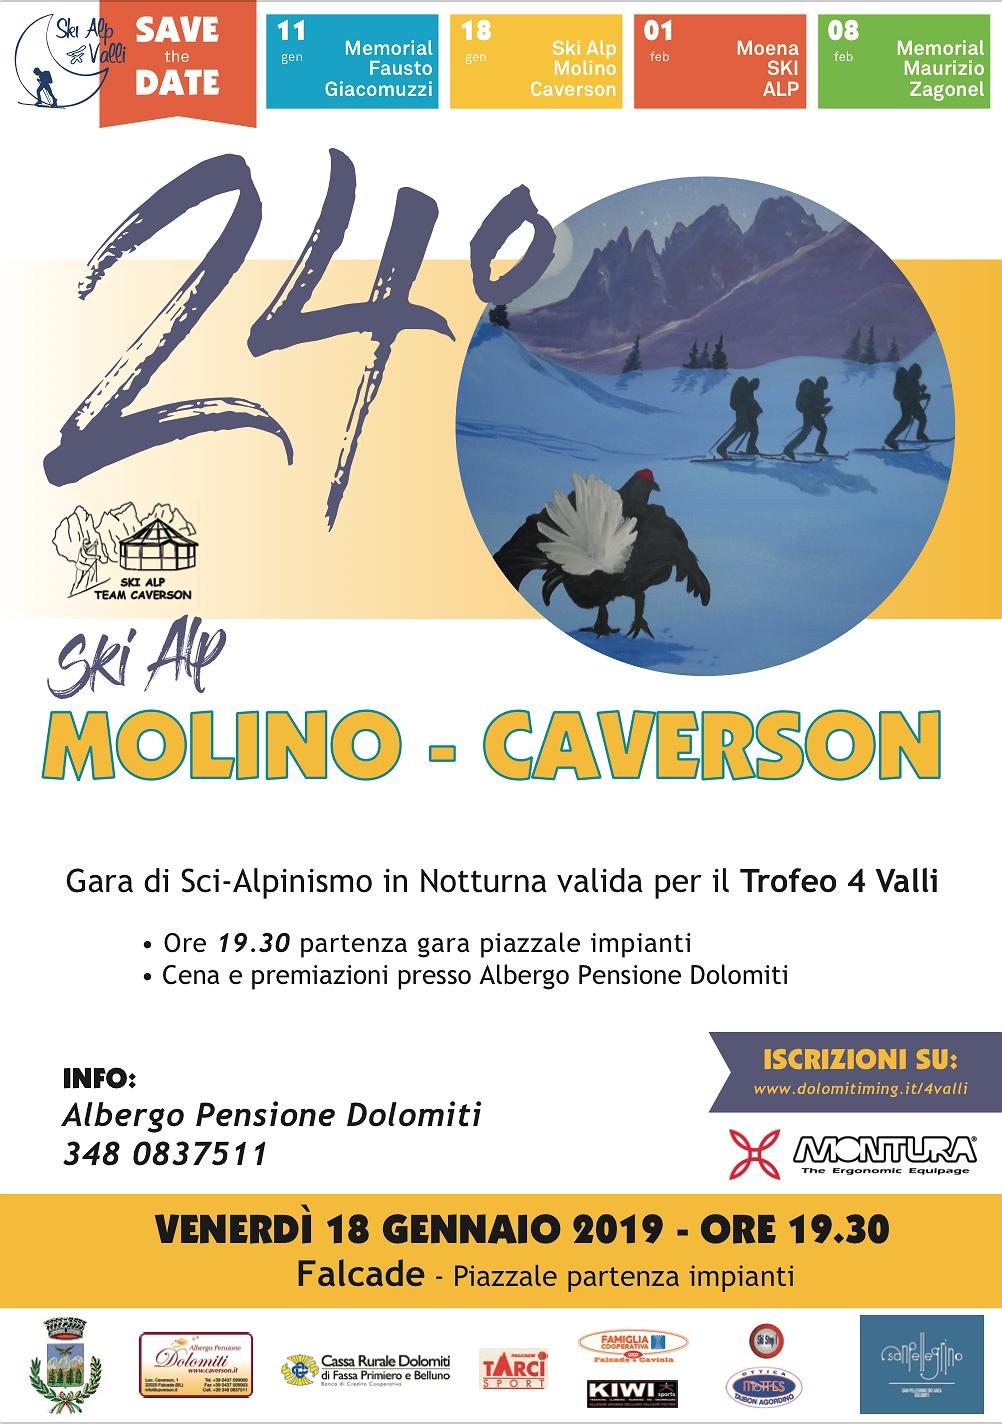 2_molino caverson_2019png